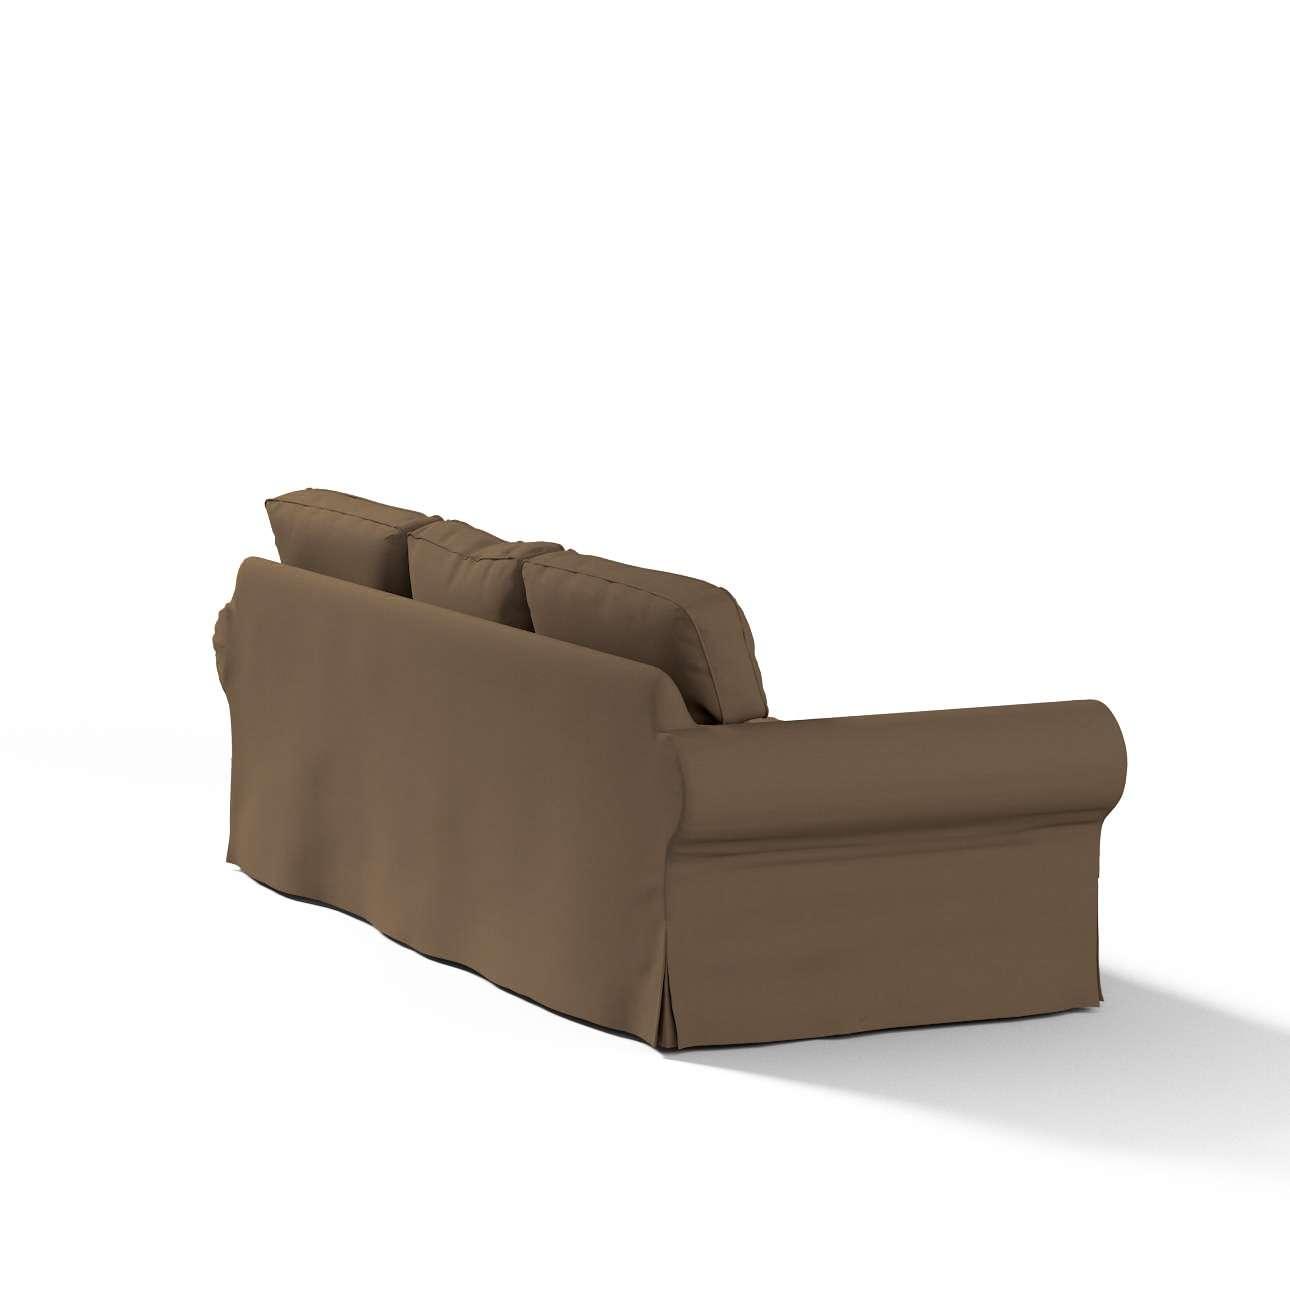 Ektorp trivietės sofos-lovos užvalkalas Ektorp trivietė sofa-lova kolekcijoje Cotton Panama, audinys: 702-02